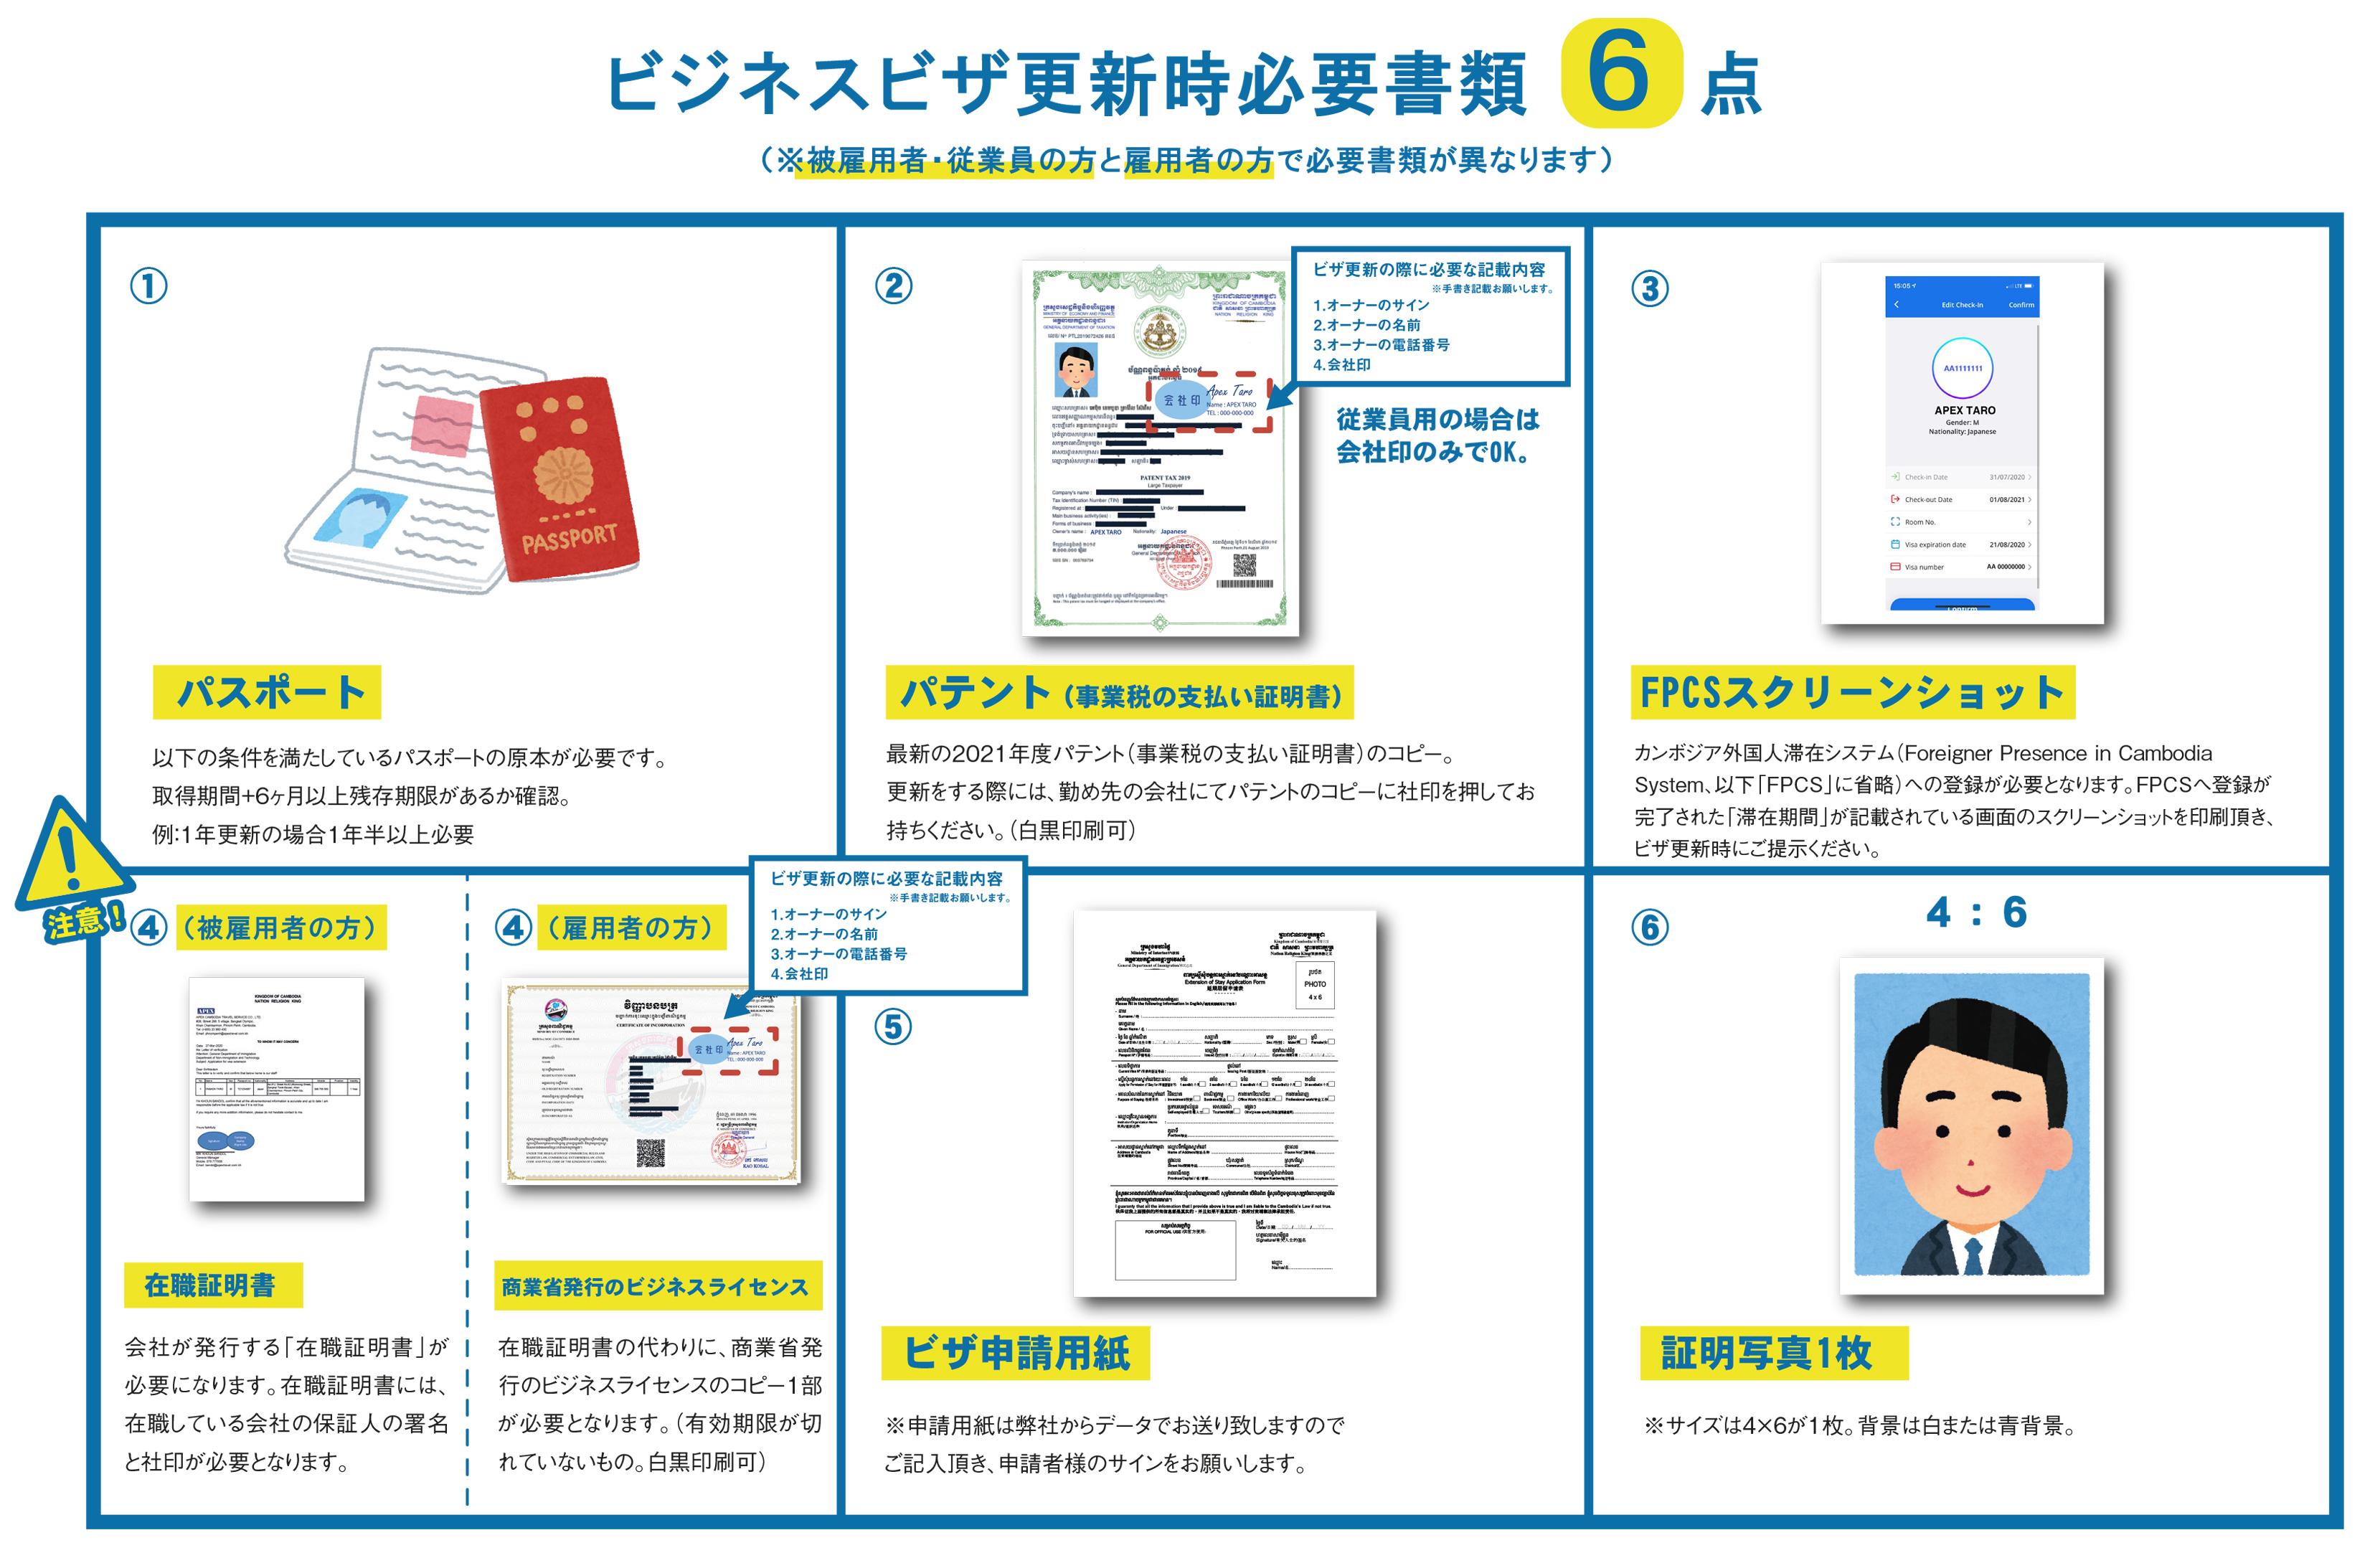 【最新情報】カンボジアのビザ更新時の注意点(2021月4月~)/ビザ申請用紙と証明写真の提出について